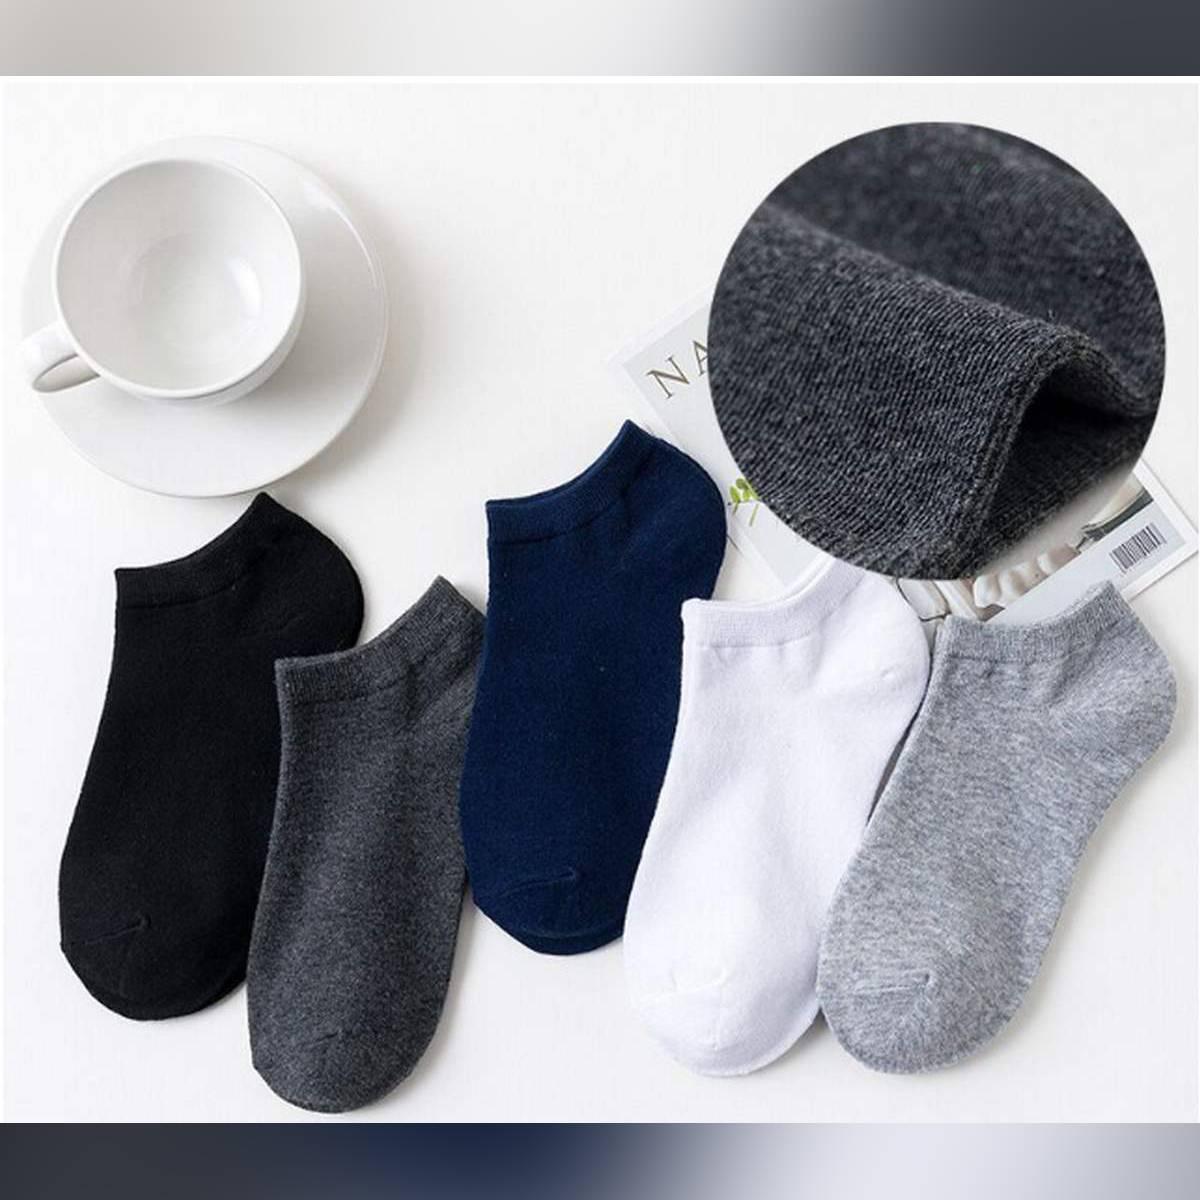 5 PAIRS Men Cotton Ankle Summer Socks for Men's